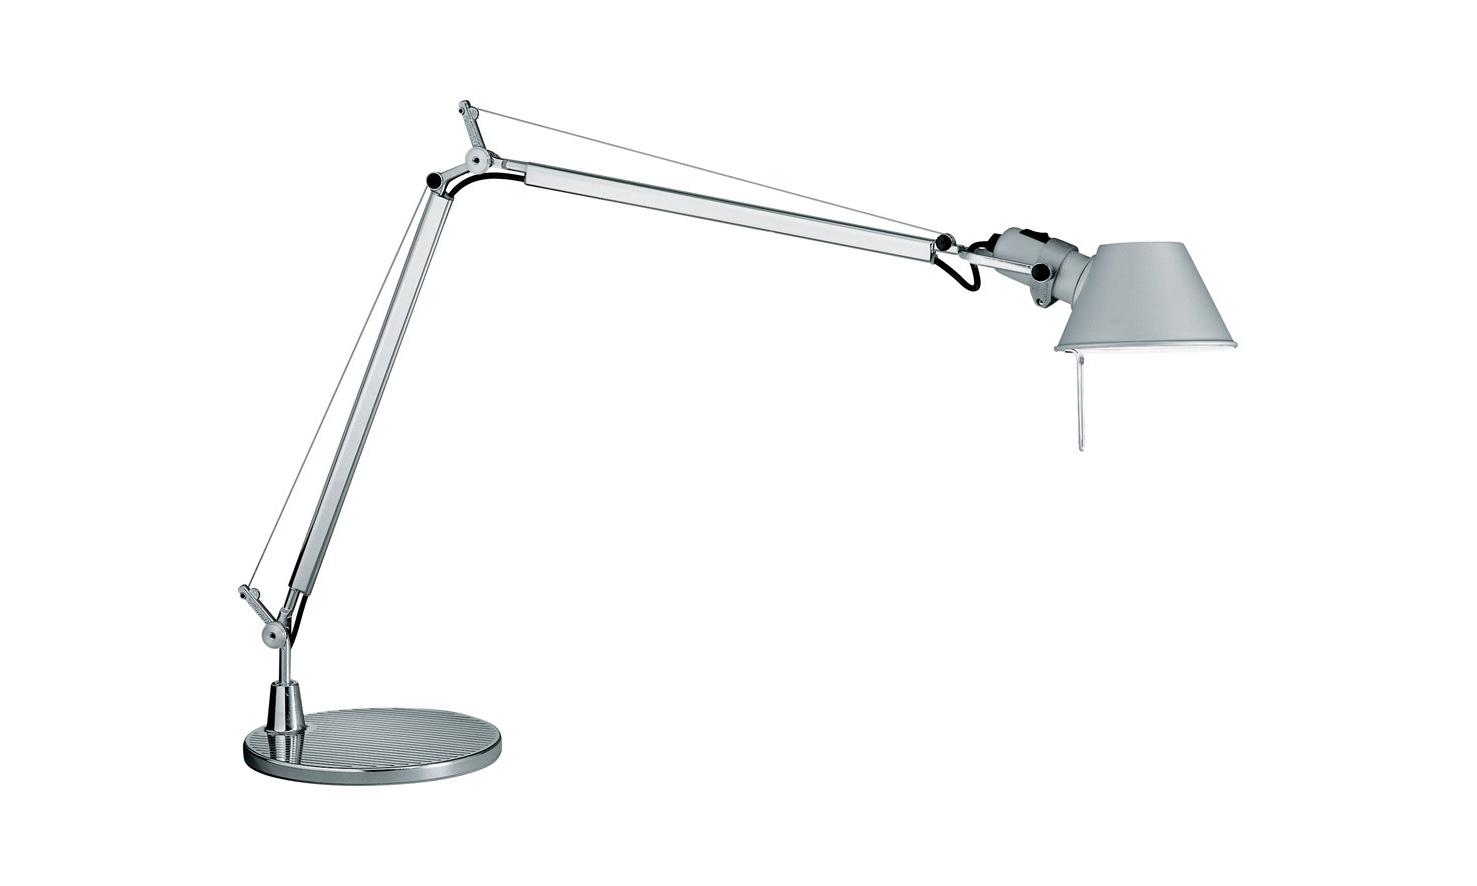 bureau-des-recommandations-table-lamp-artemide-michele-de-lucchi-tolomeo-tavolo.jpg